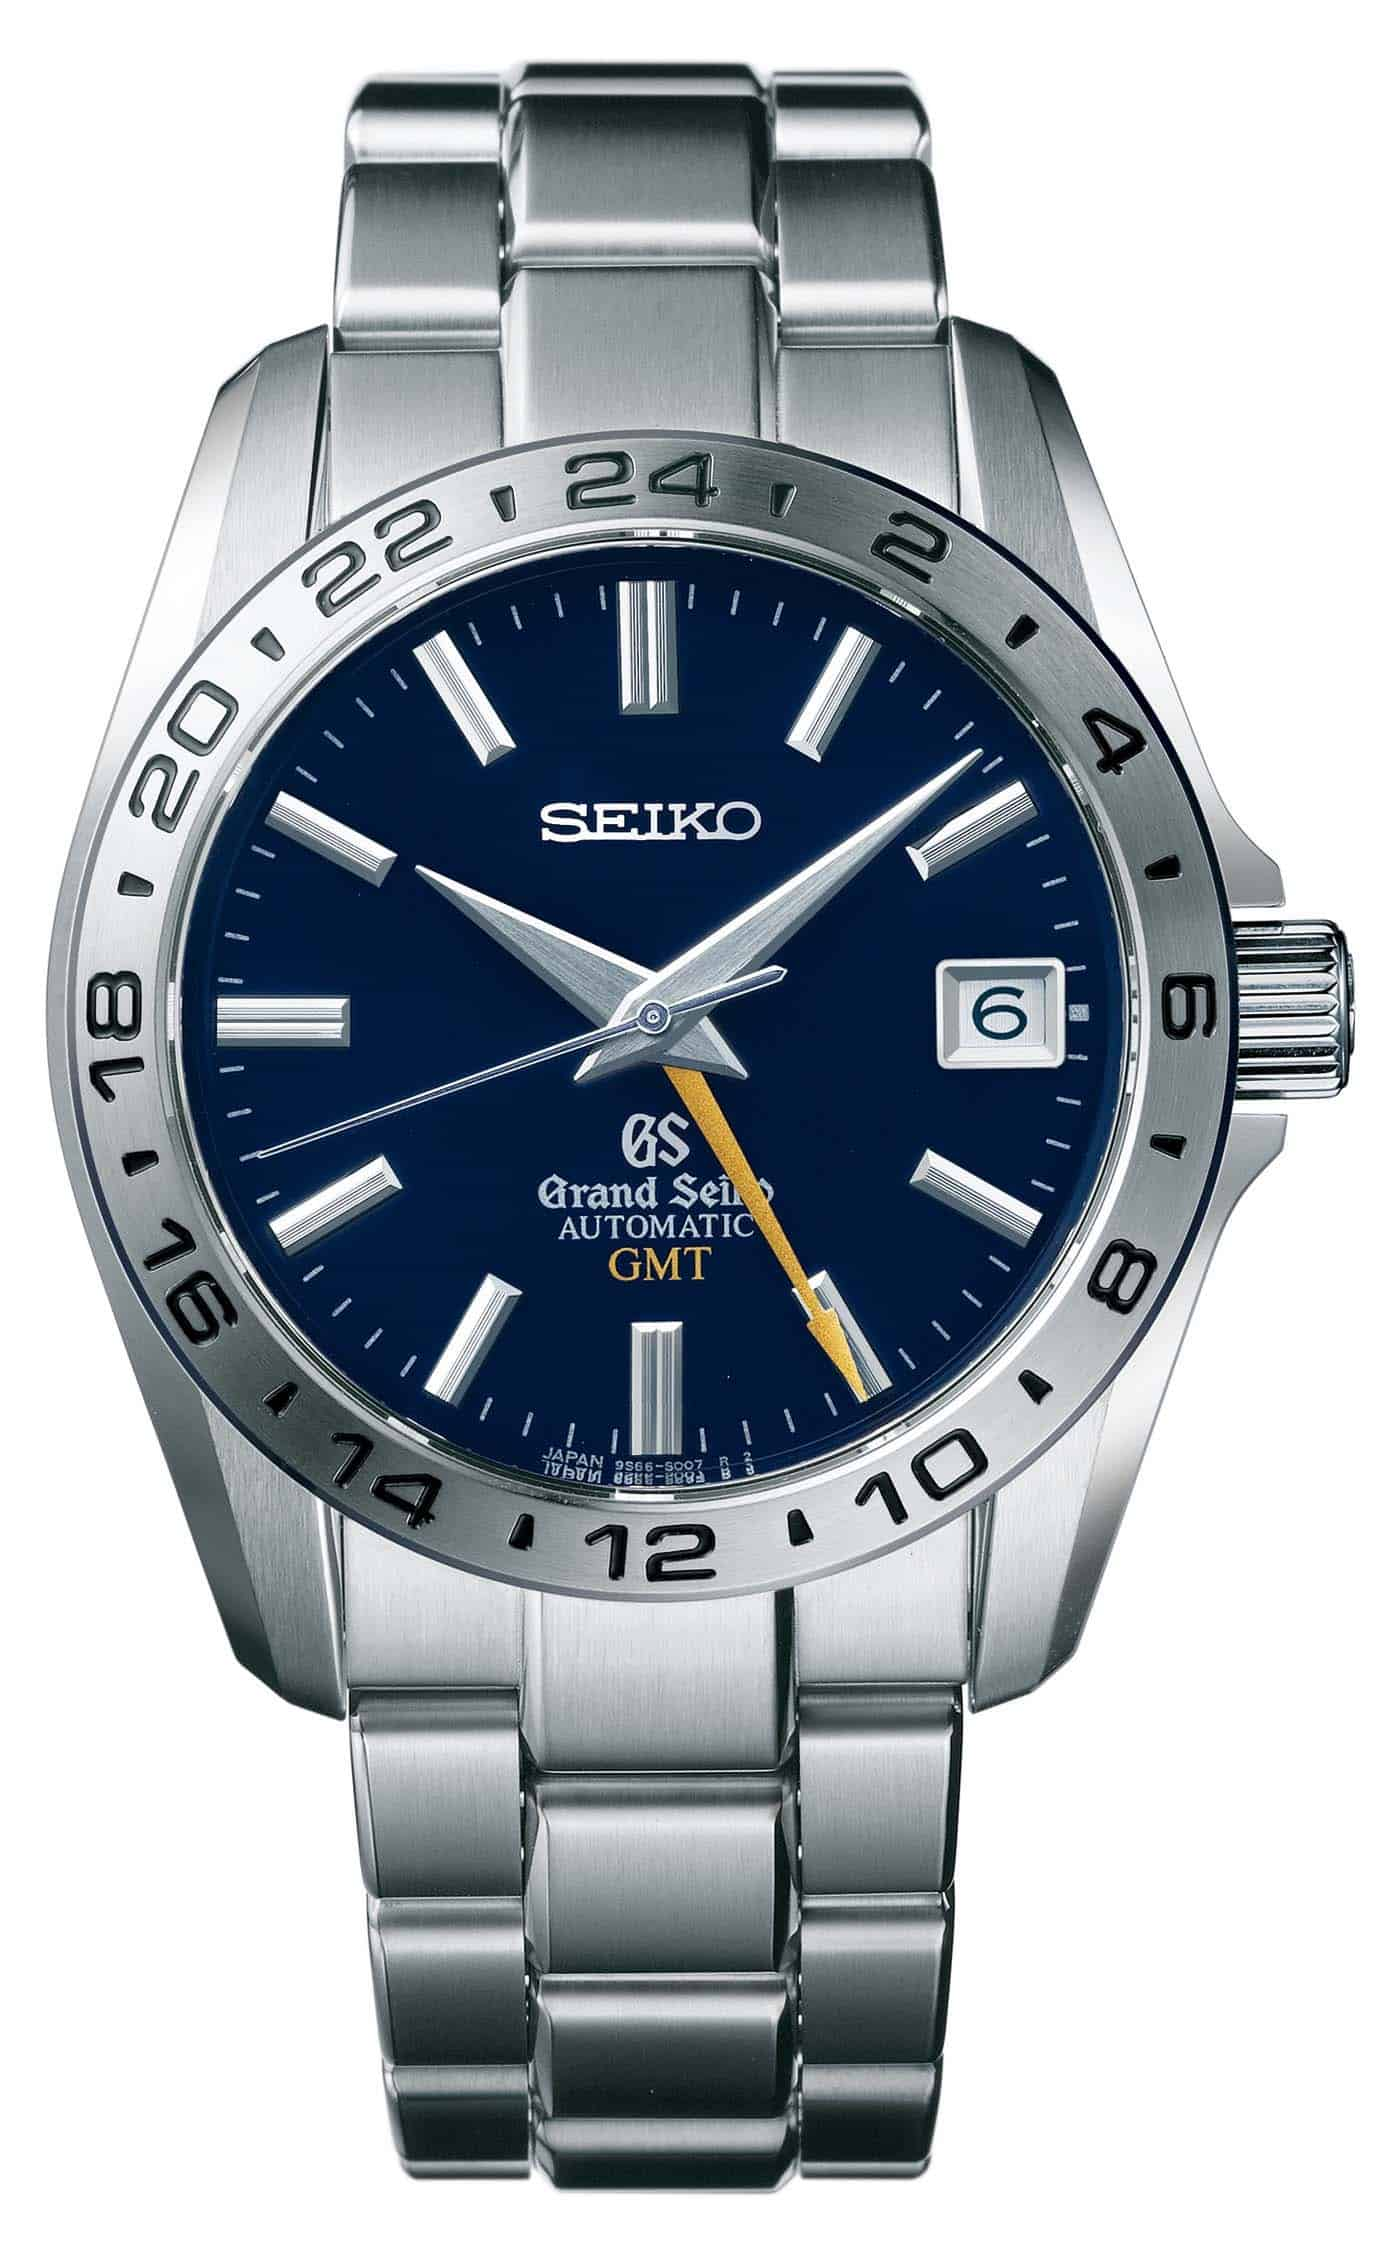 Seiko RLS1203-01_SBGM029